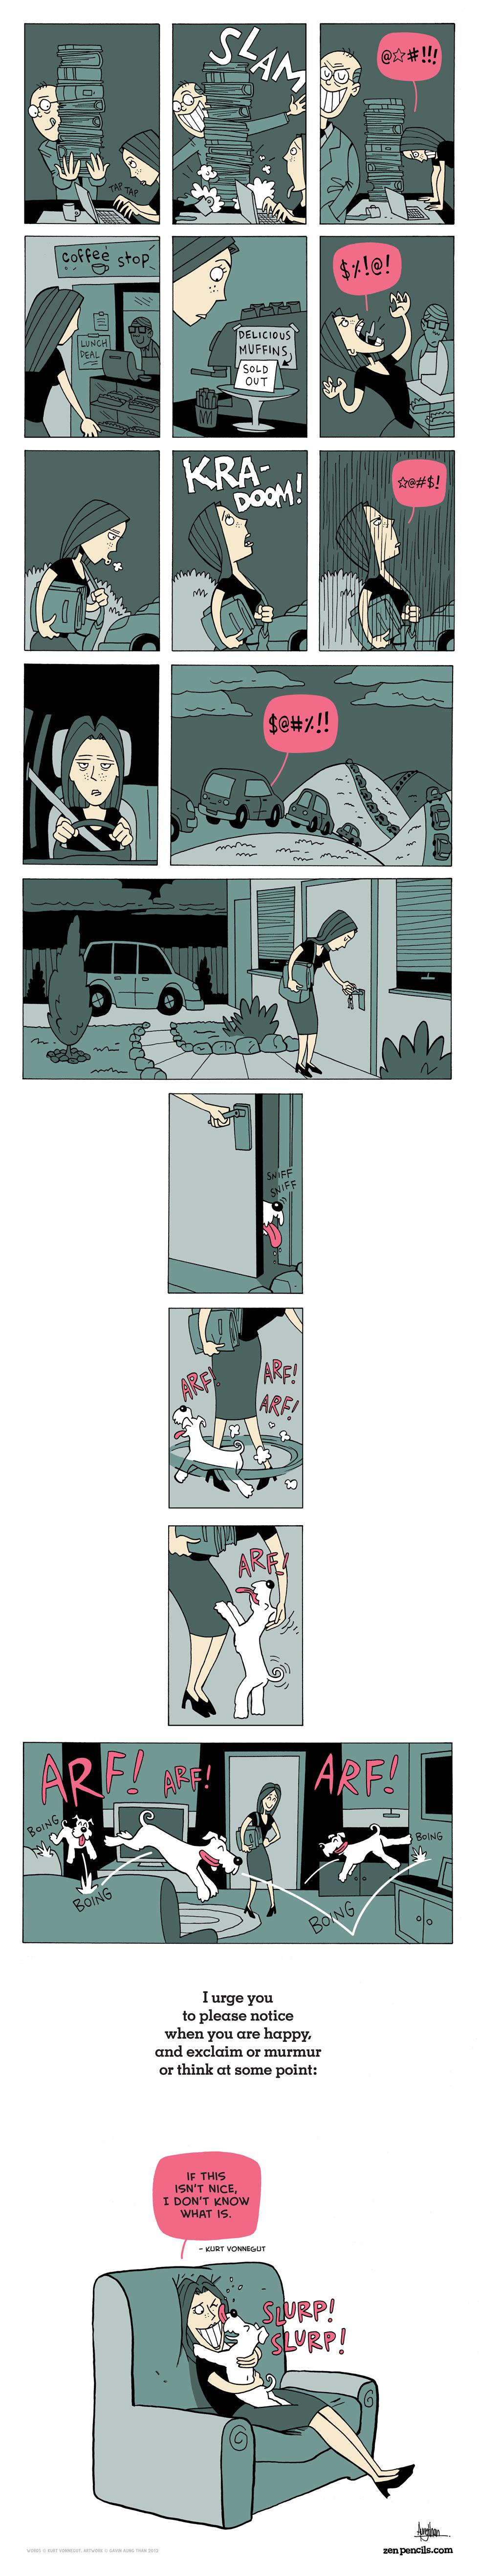 2012-03-21-KURT-VONNEGUT.jpg